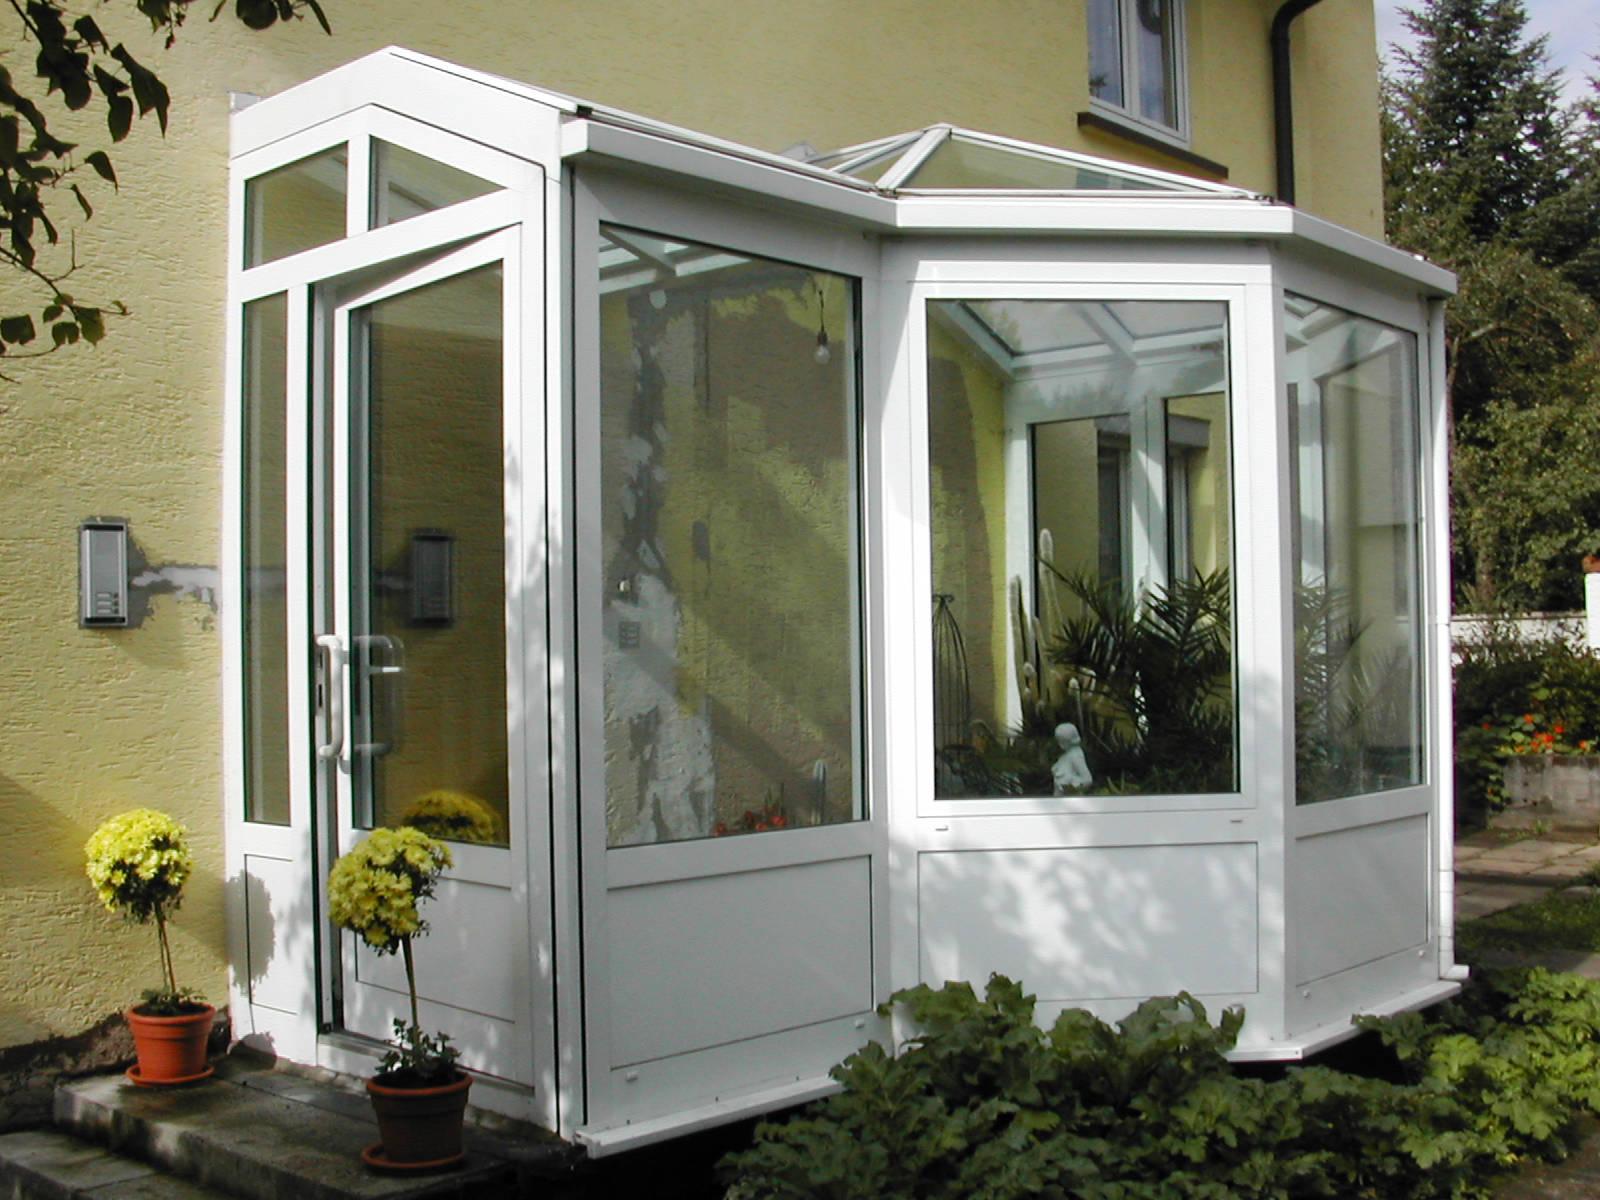 haust rvorbauten freudenstadt waldenberg. Black Bedroom Furniture Sets. Home Design Ideas